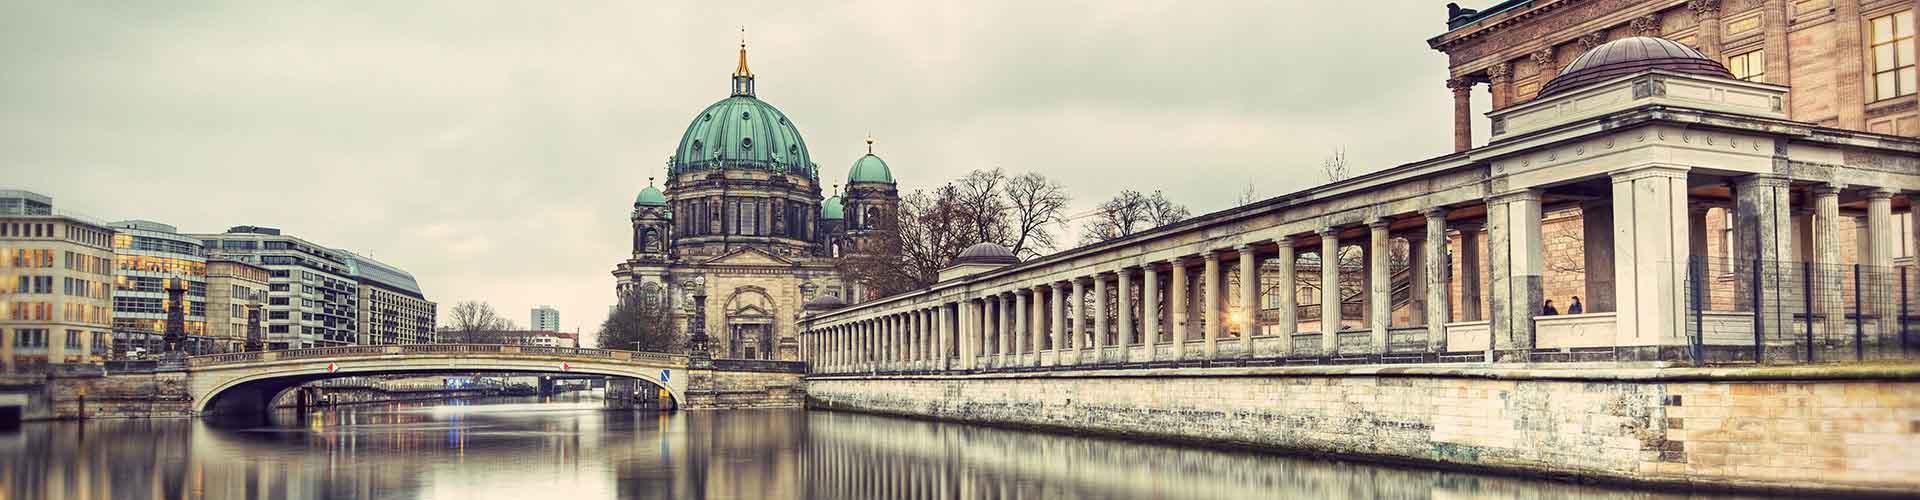 Berlín - Apartamentos cerca a Berliner Dom. Mapas de Berlín, Fotos y comentarios de cada Apartamento en Berlín.